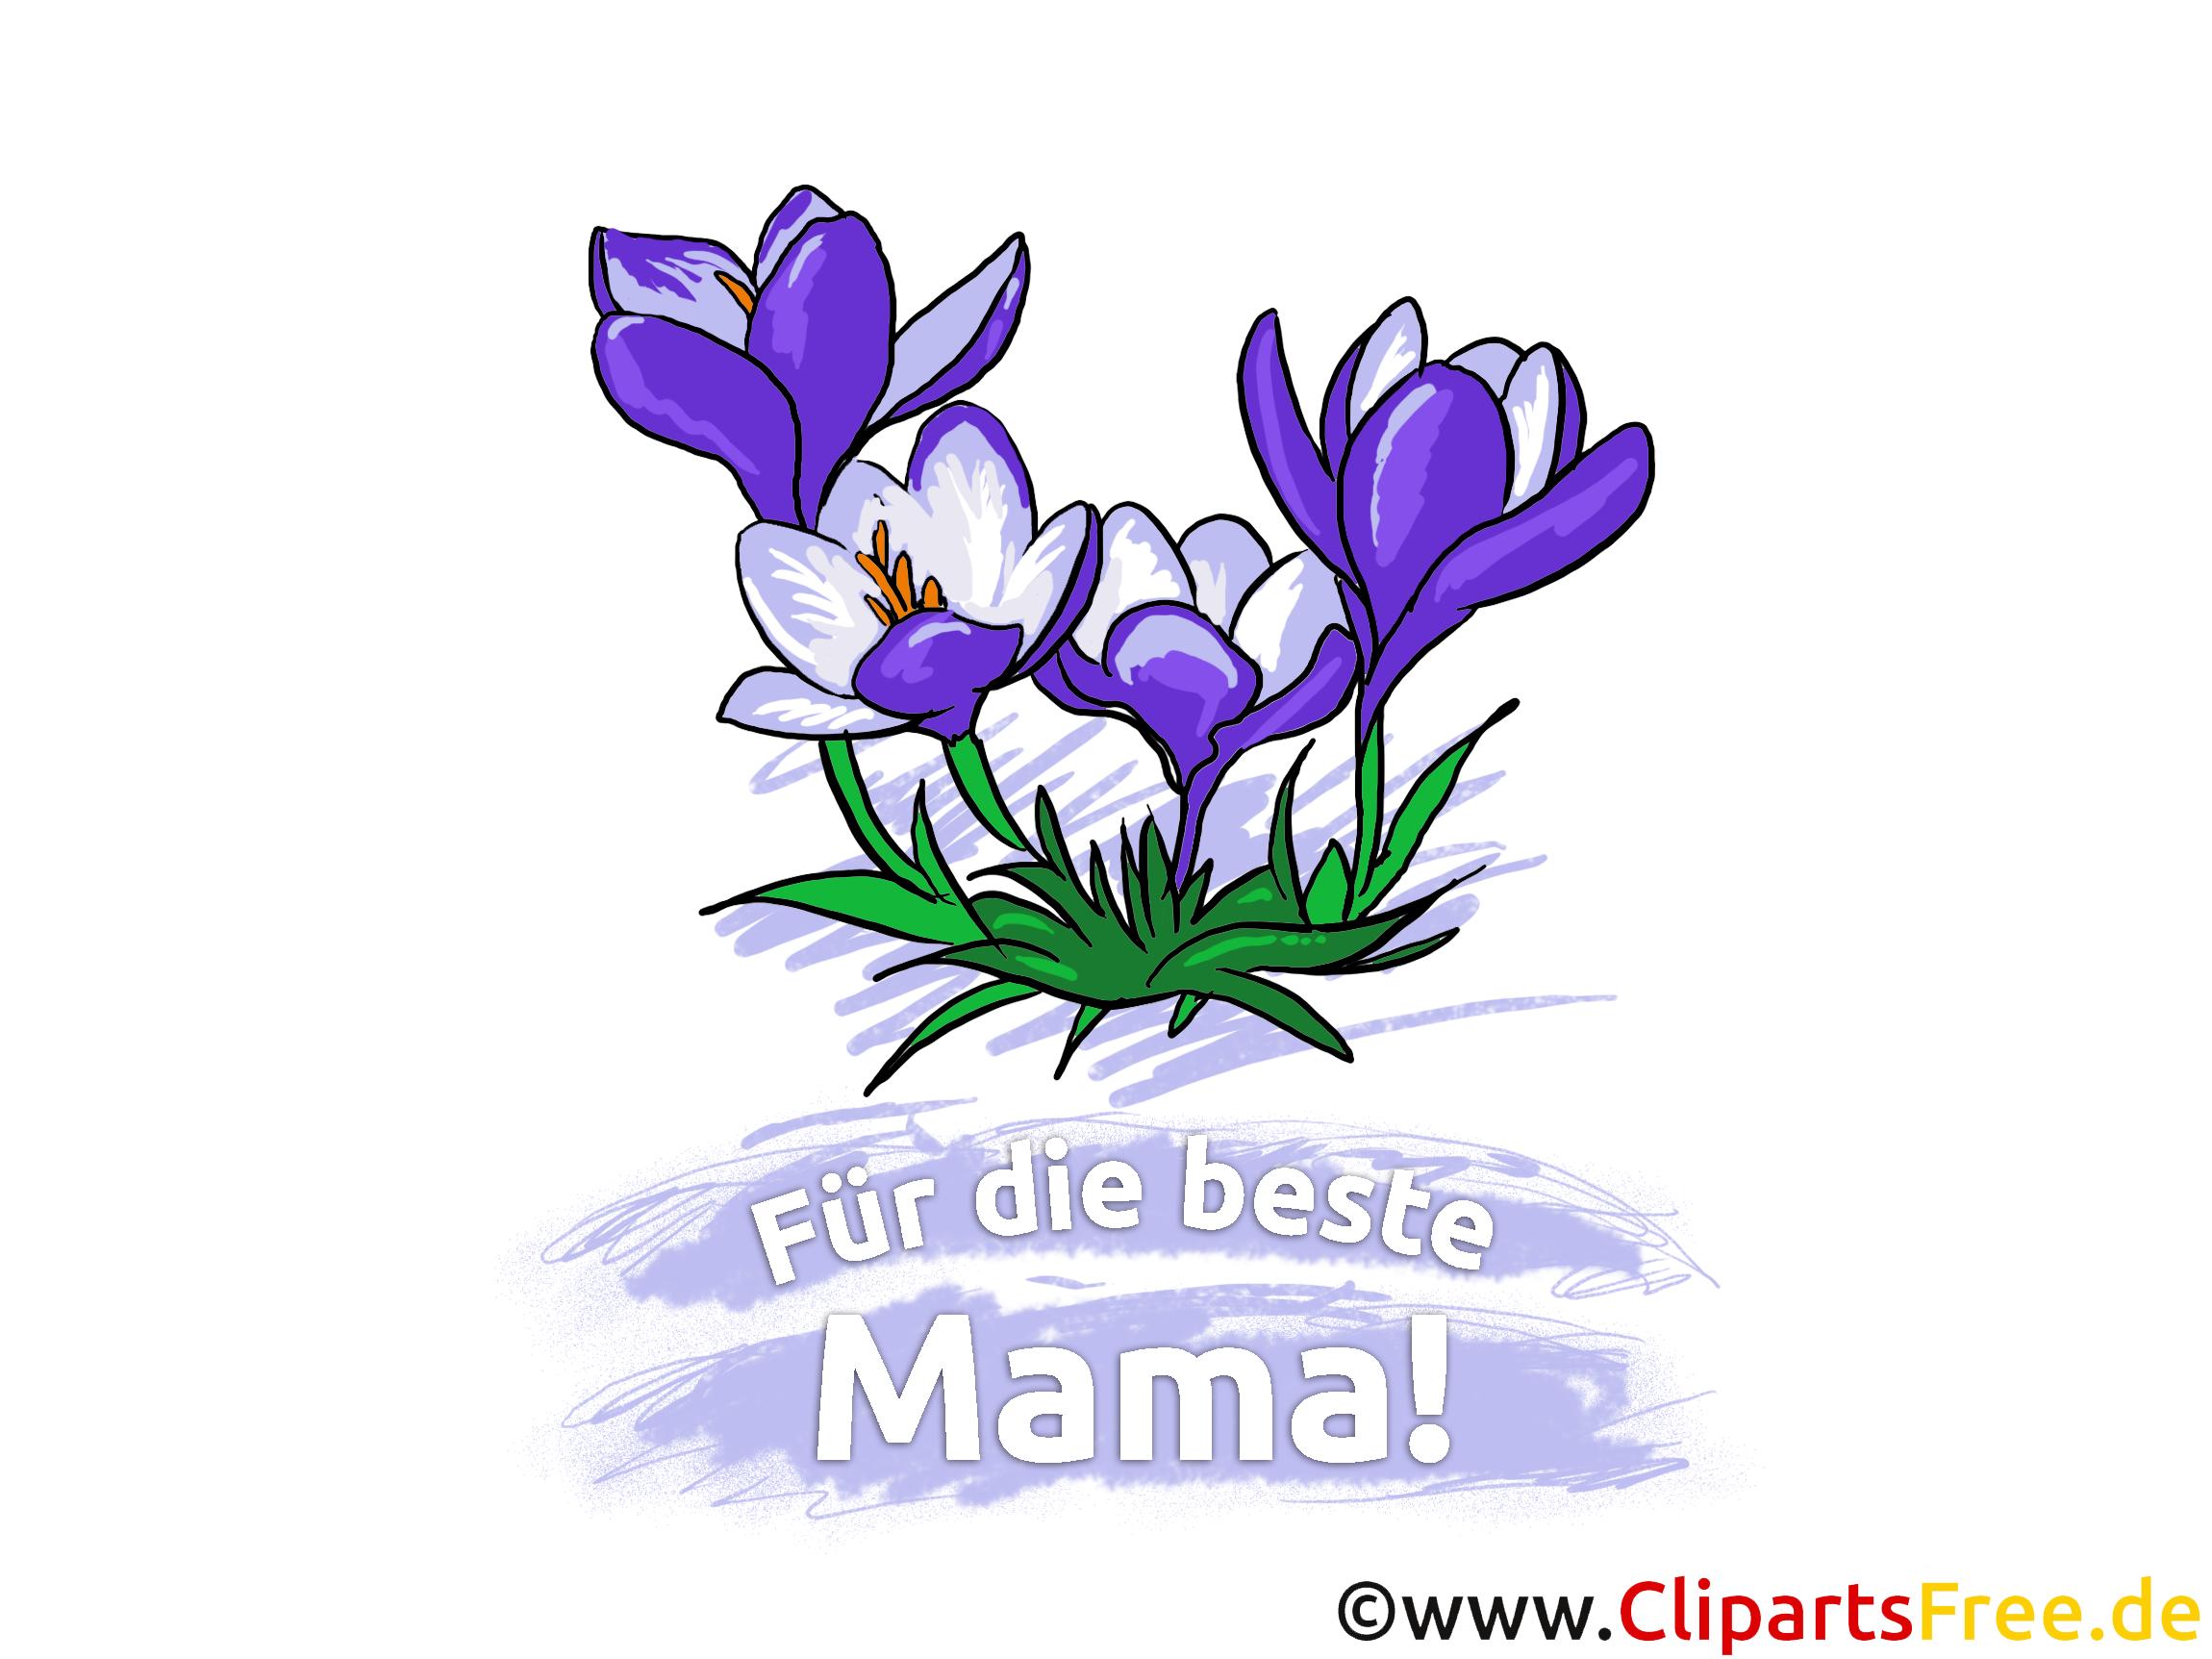 Blumen zum Muttertag Glückwunschkarte